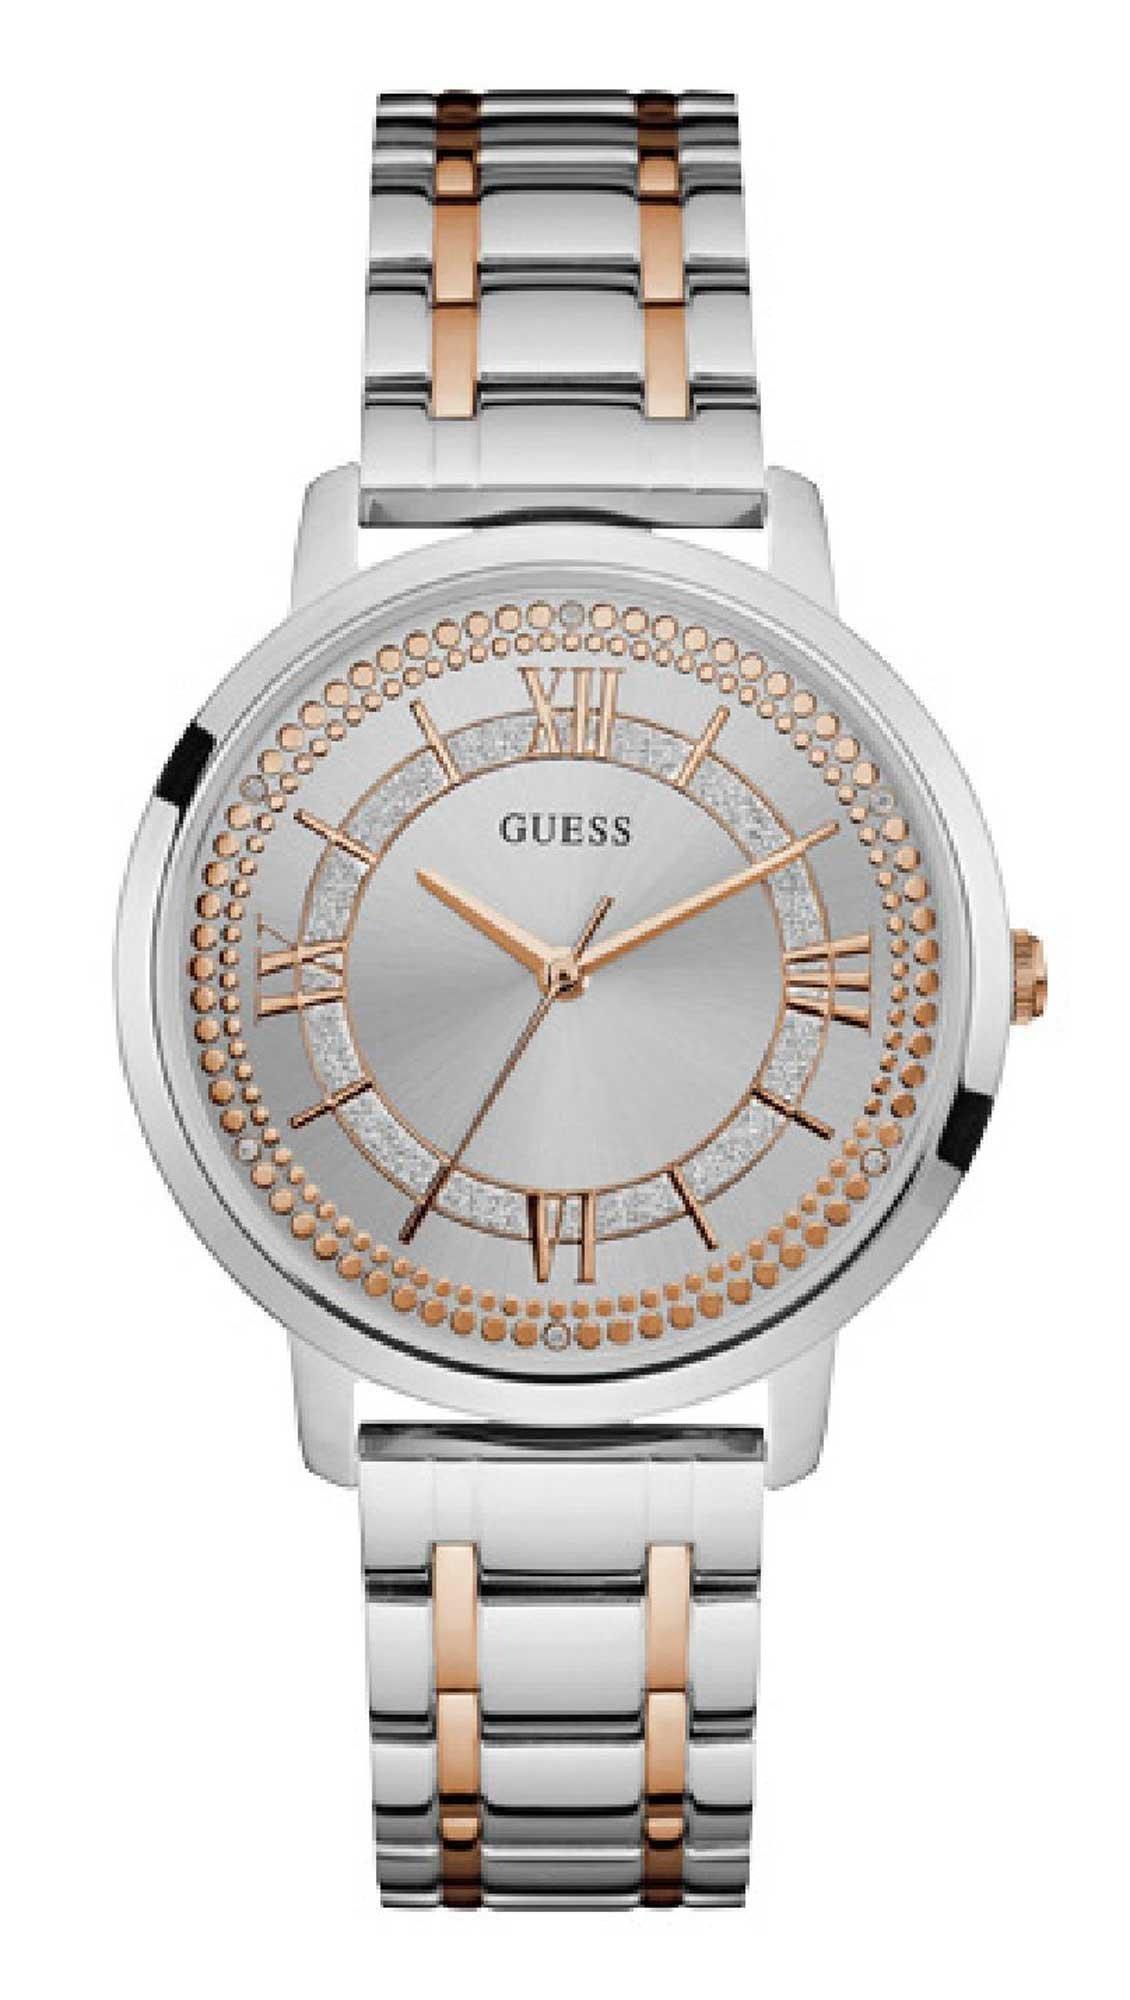 Ρολόι Guess με ασημί ροζ χρυσό μπρασελέ και κρύσταλλα W0933L6 - Glami.gr fdaaf5faf9a